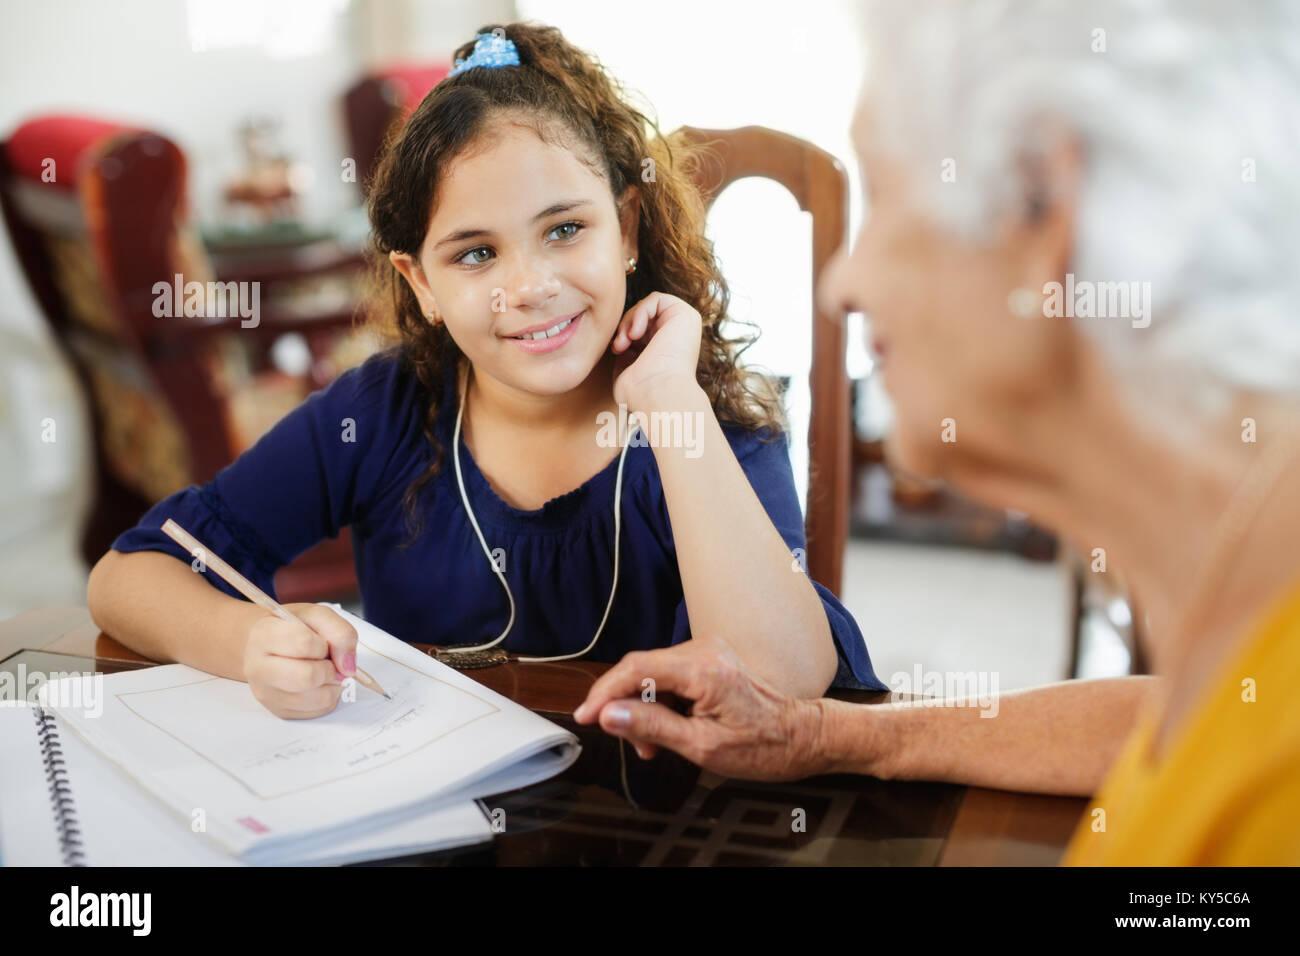 Niña feliz haciendo tareas escolares con la anciana en casa. Relación Familiar con la abuela y nieta. Imagen De Stock